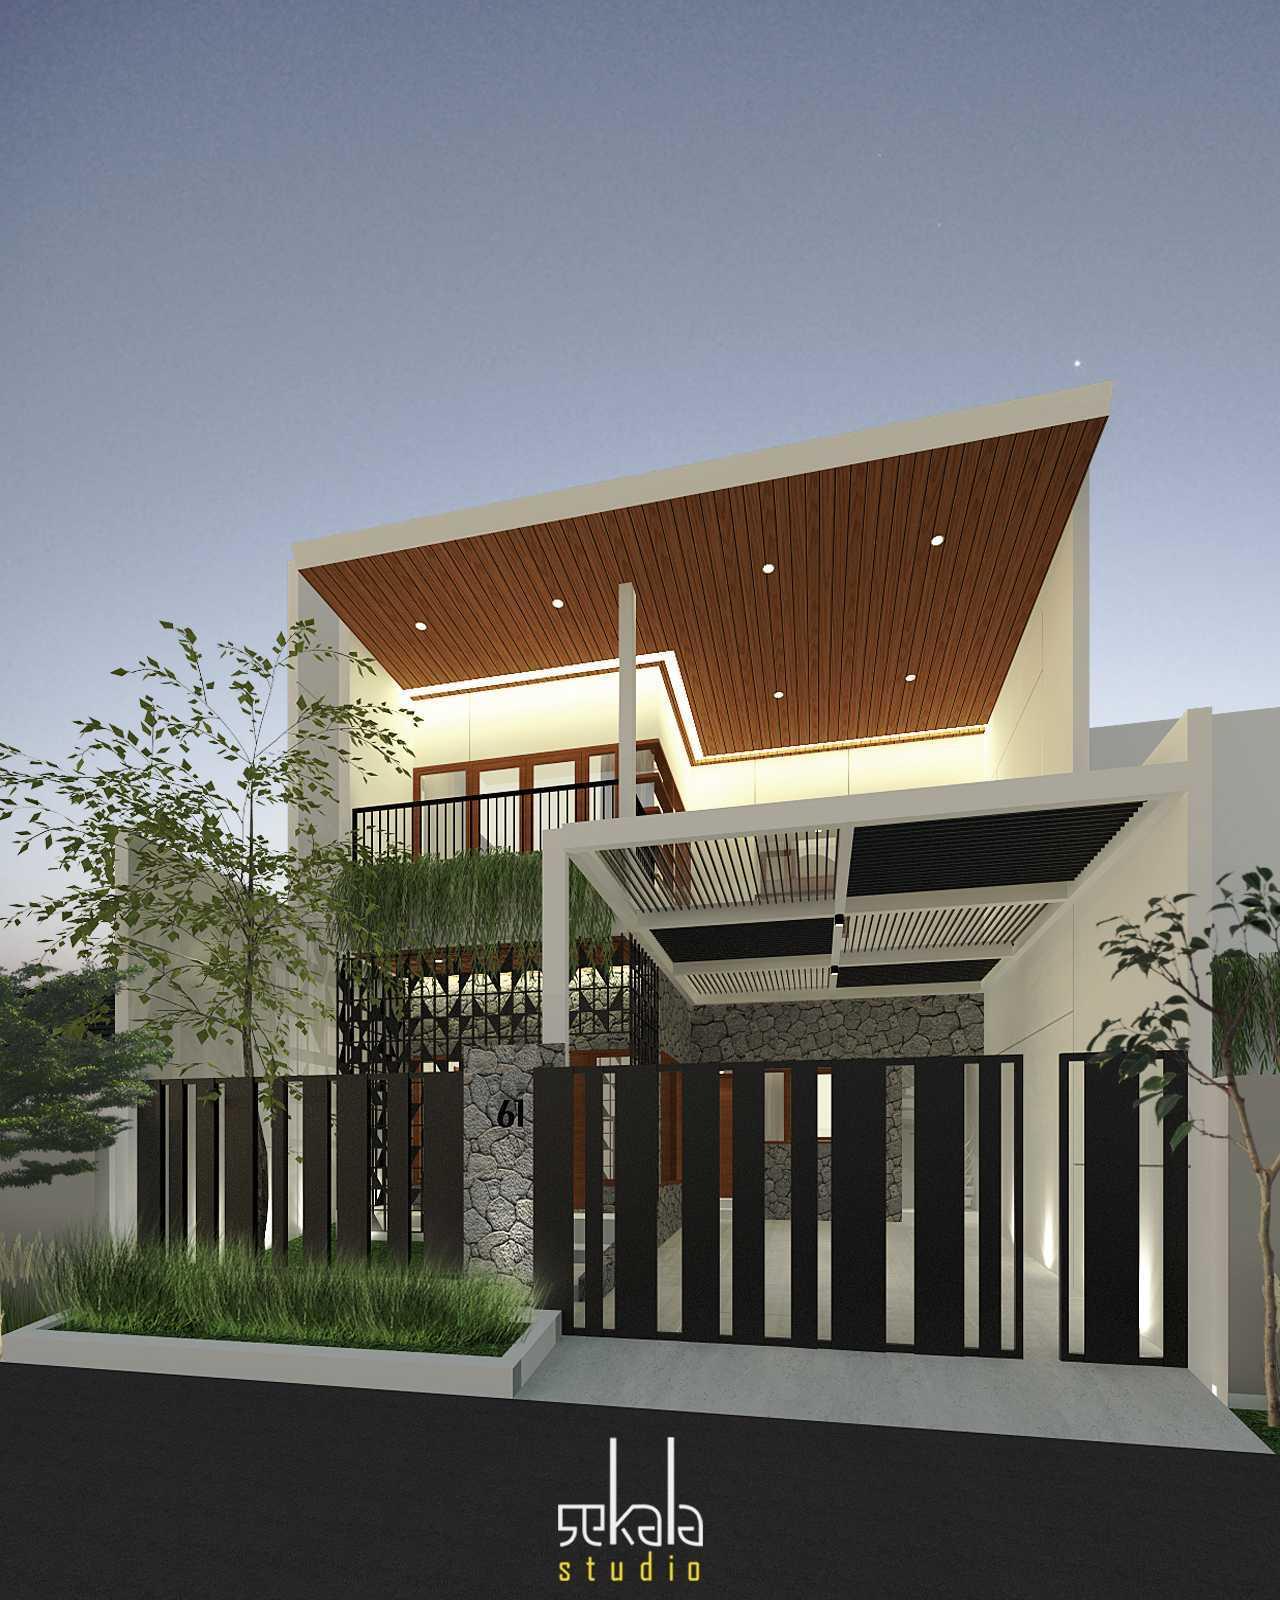 Sekala Petemon House Surabaya, Kota Sby, Jawa Timur, Indonesia Surabaya, Kota Sby, Jawa Timur, Indonesia Sekala-Rumah-Petemon-Surabaya  74509